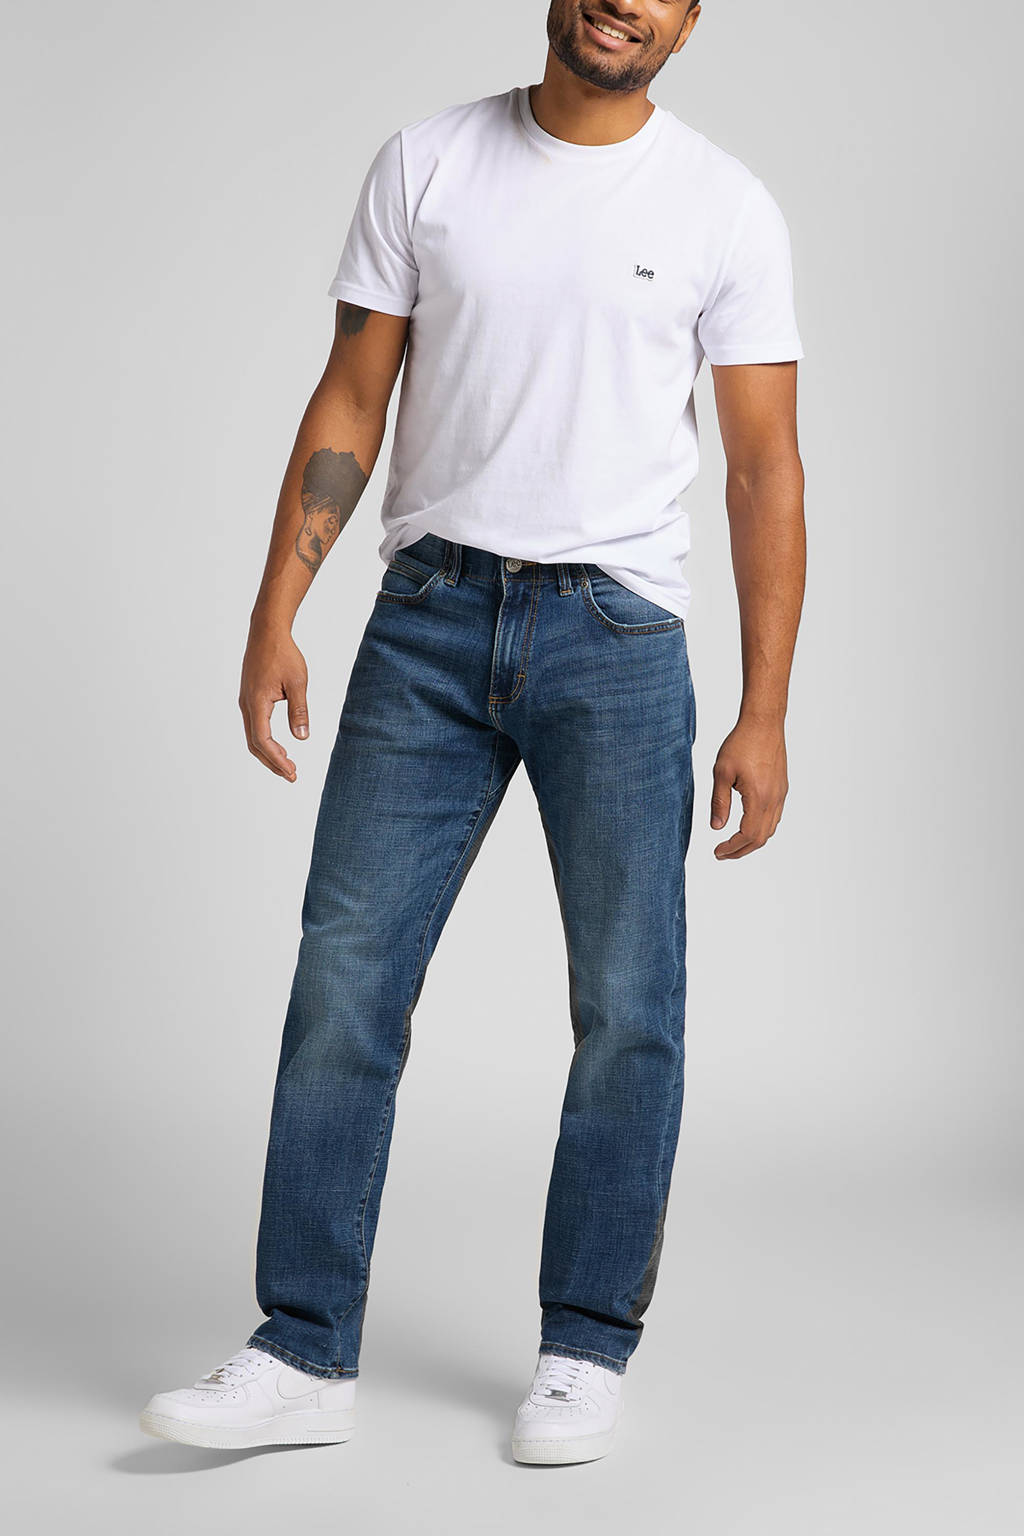 Lee slim fit jeans king, King